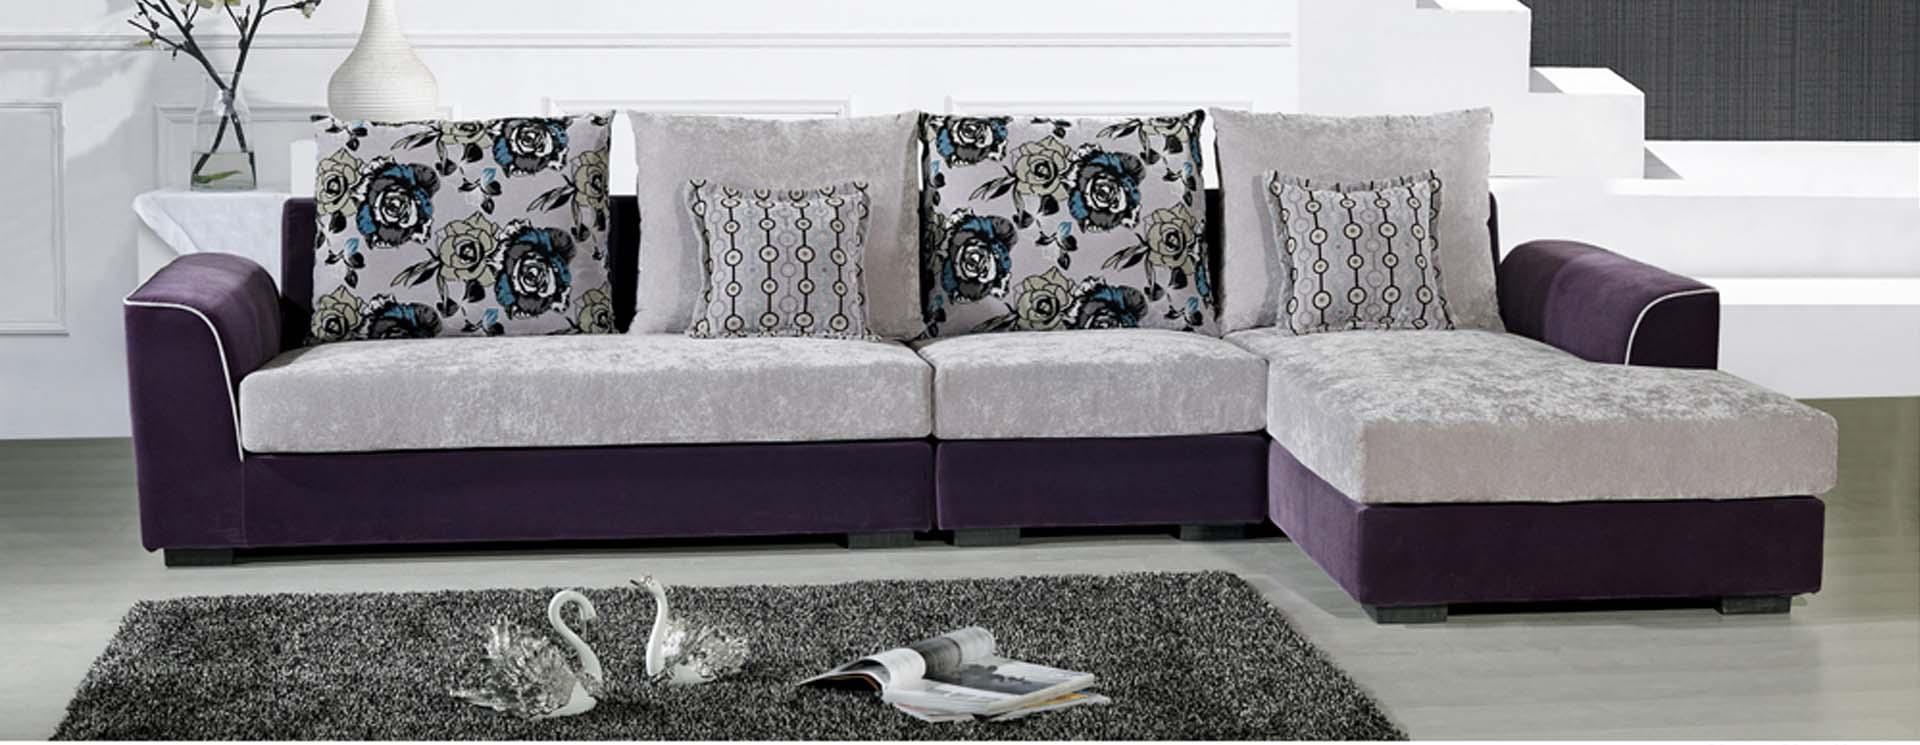 名称:沙发E625#<br/> 市场价:<font style='color:#999;text-decoration:line-through;'>¥0</font><br />全国统一零售价:<font color='Red'>¥0.0</font>